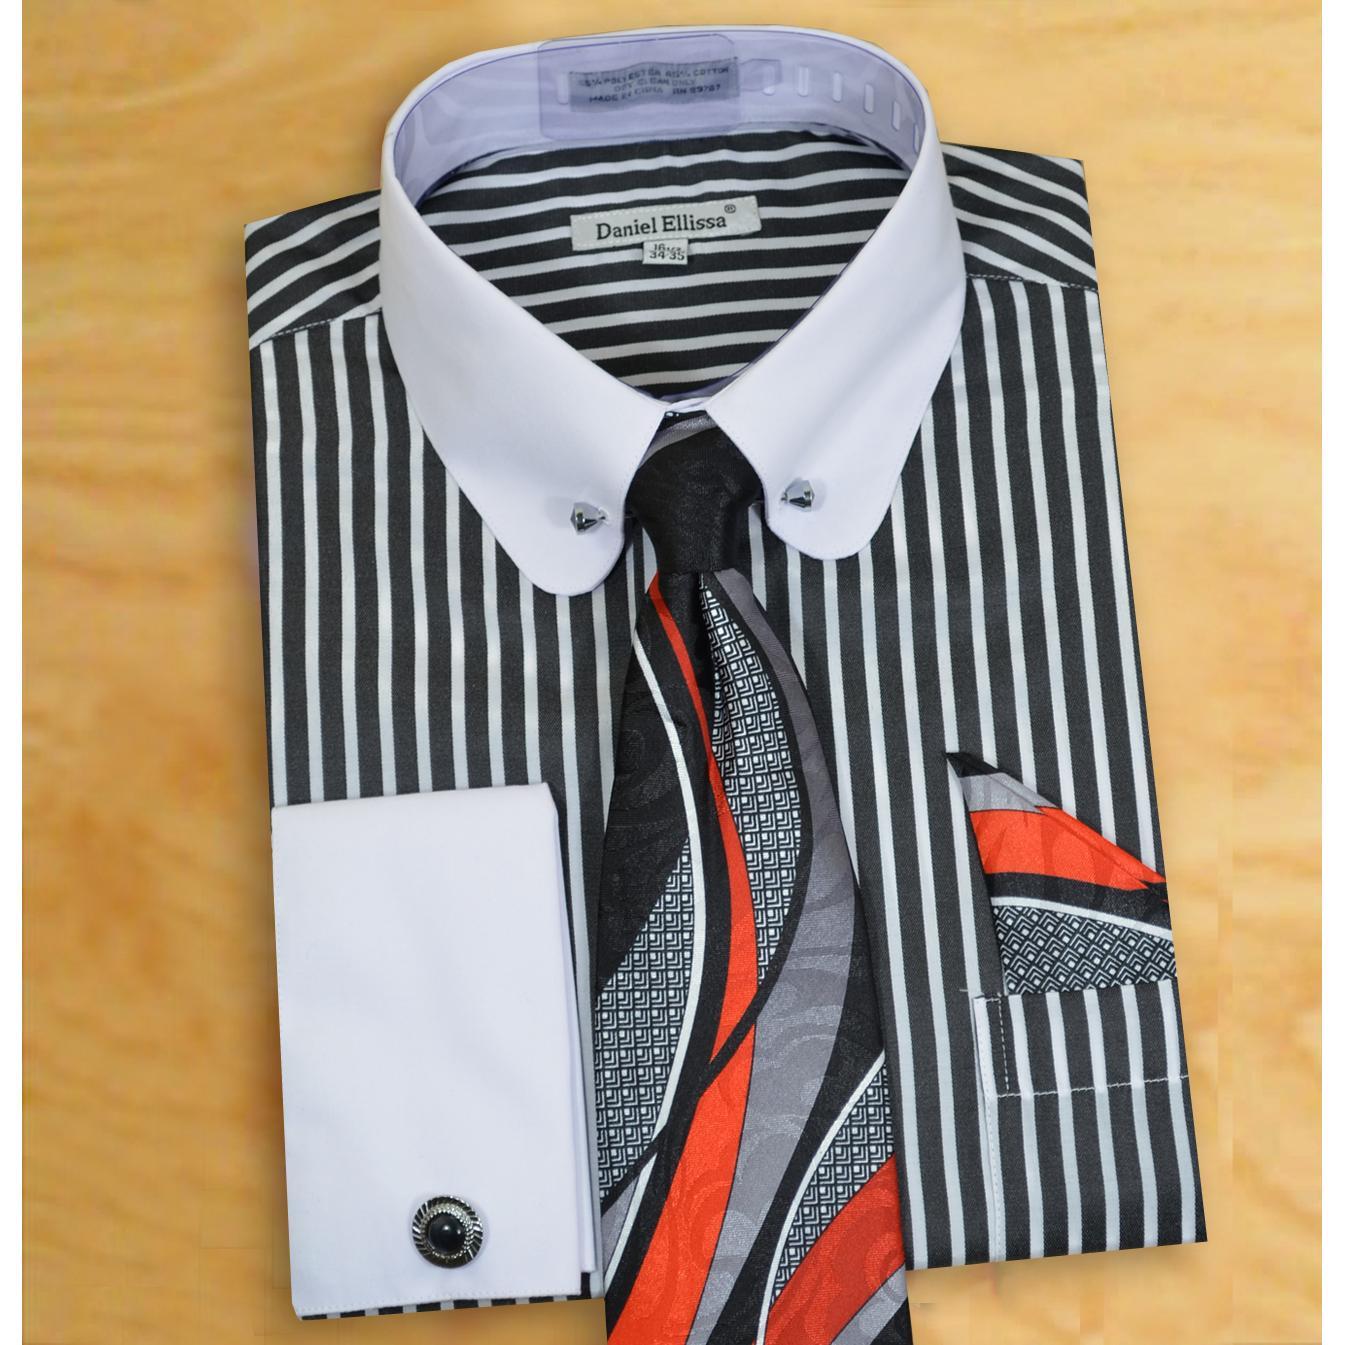 0de0ffd7 Daniel Ellissa Black / White Vertical Striped Dress Shirt / Tie / Hanky /  Cufflinks / Collar Bar Set DS3791P2